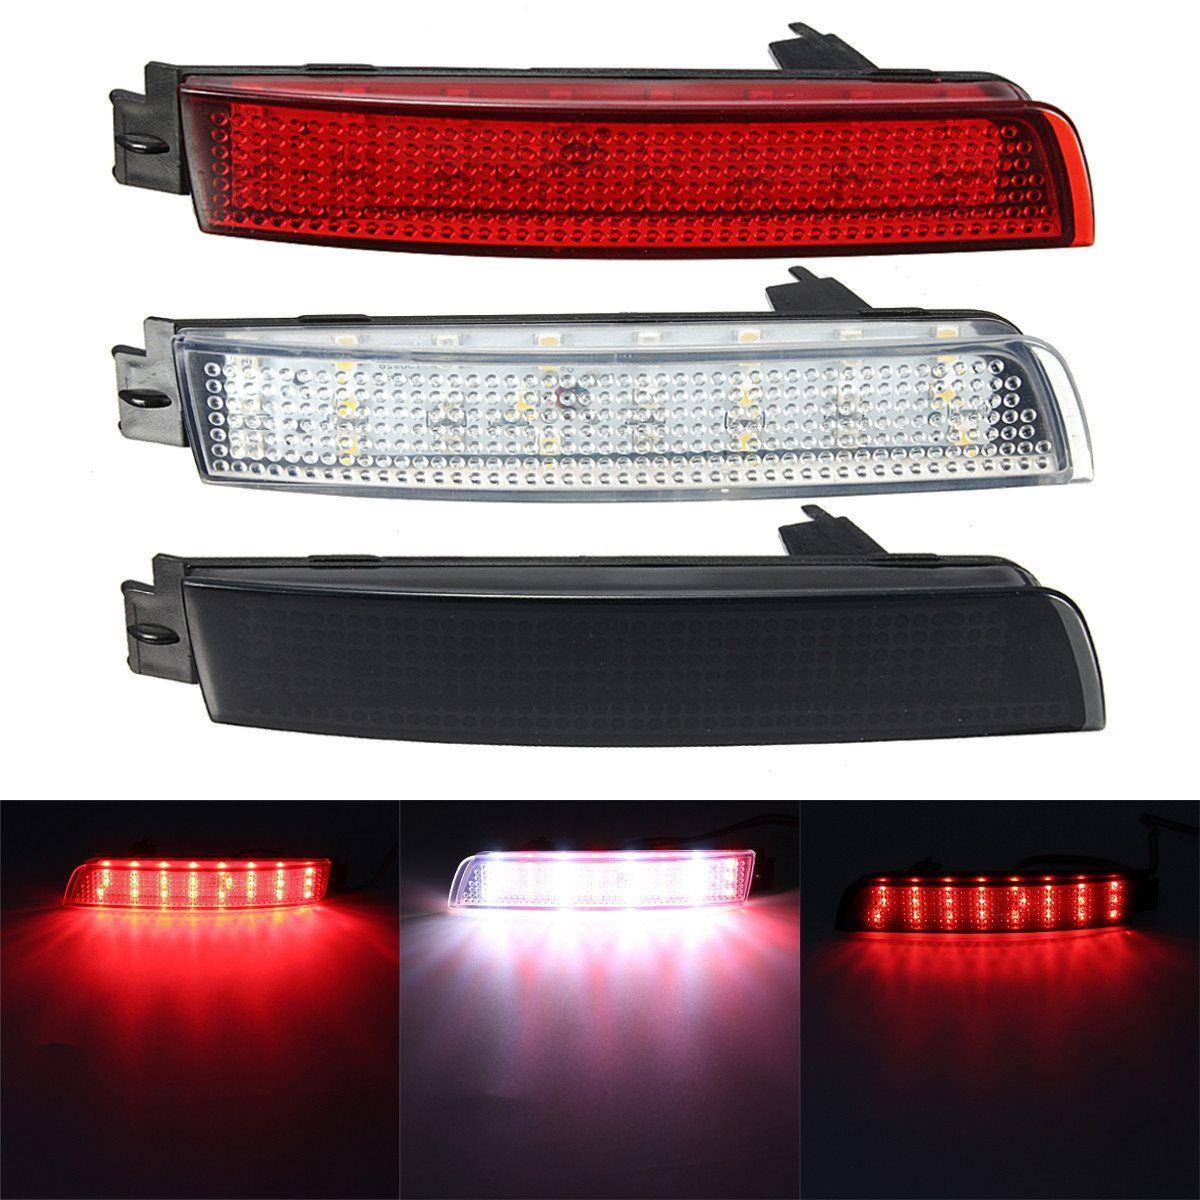 2 PCS LED Bumper Reflector Red lens Tail Brake Light Lamp For Nissan Juke/Murano/Infiniti FX35/FX37/FX50